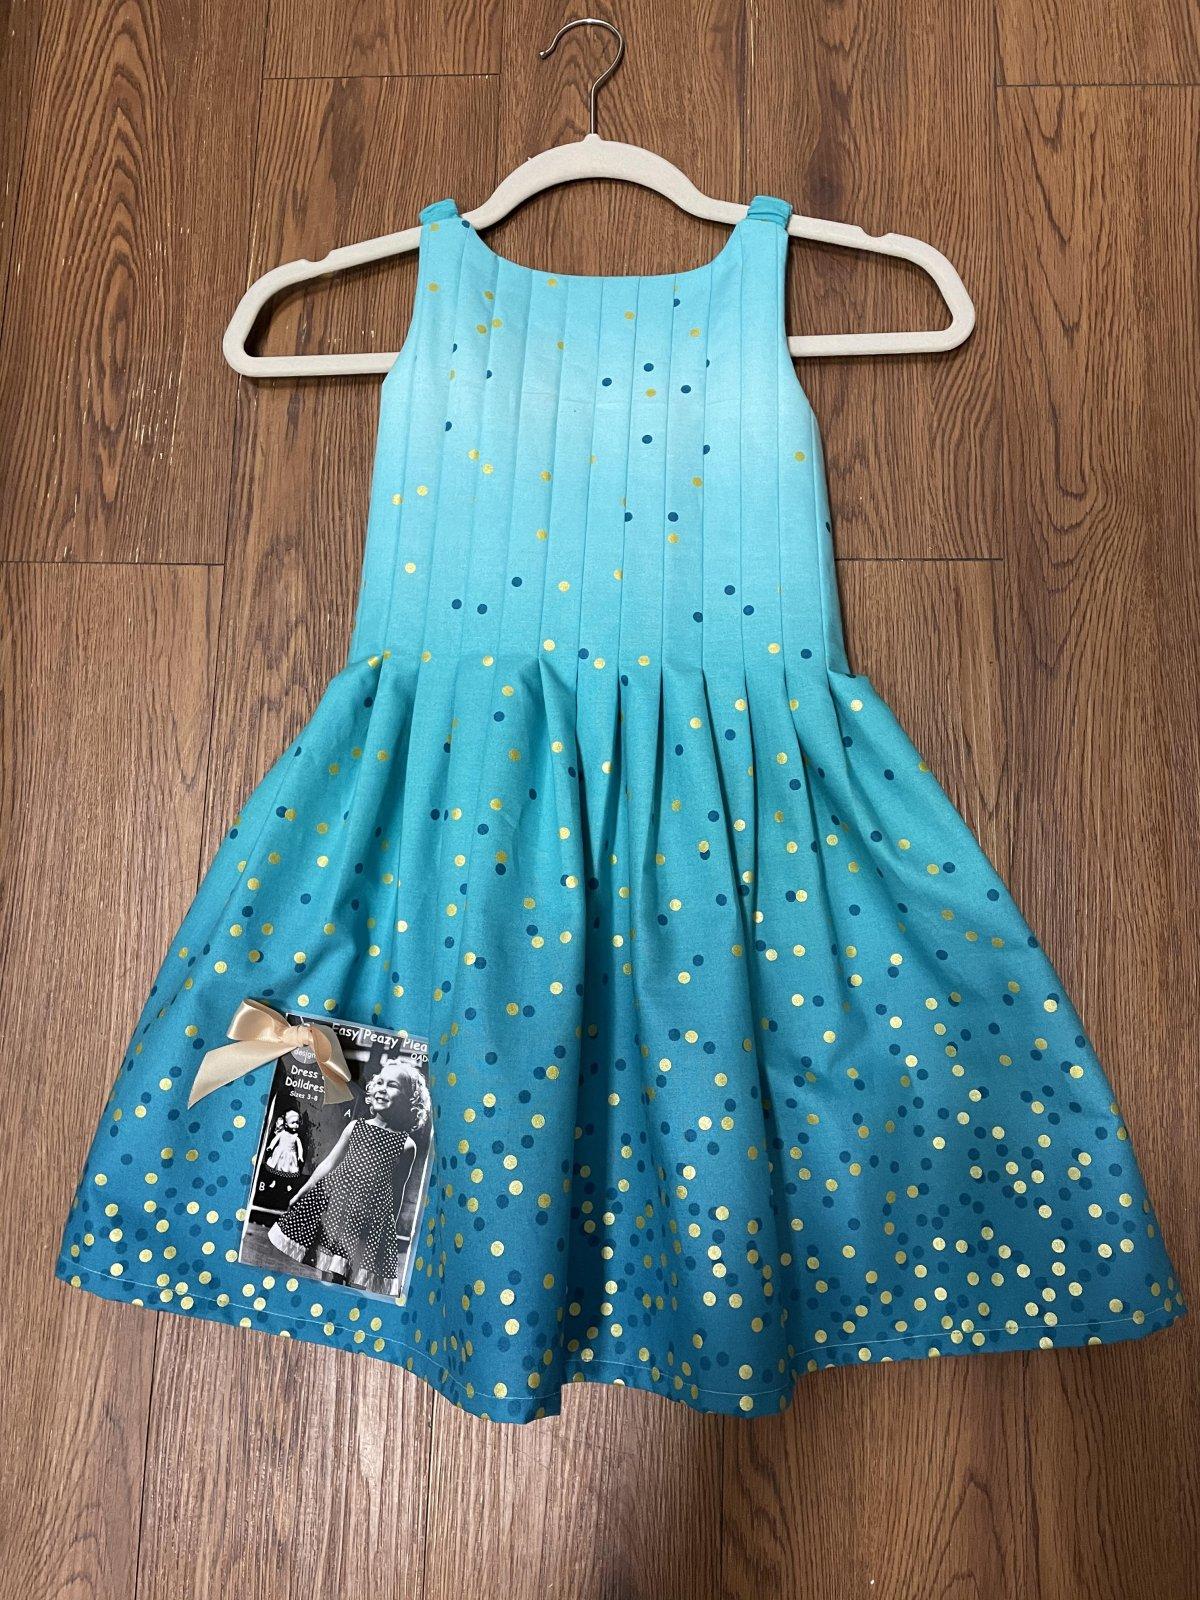 Easy Peazy Pleats Dress & Doll Dress